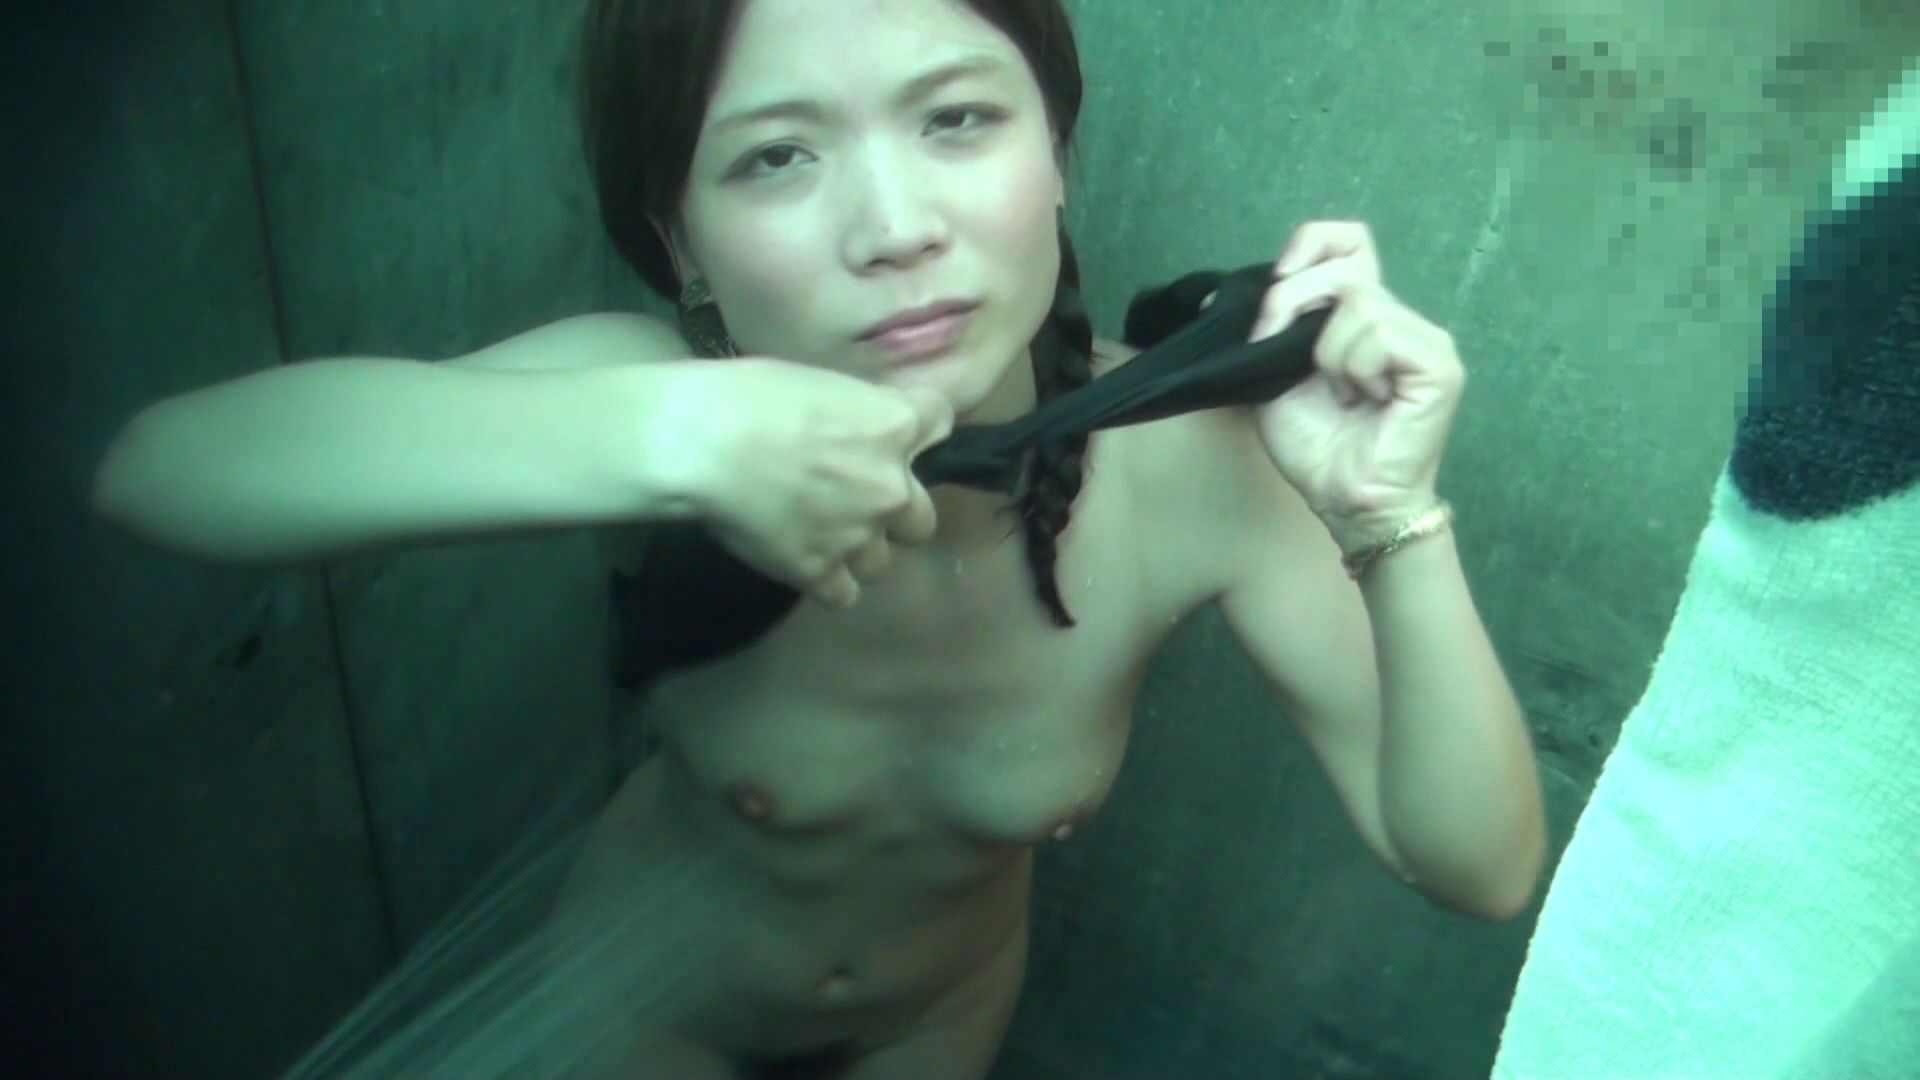 シャワールームは超!!危険な香りVol.12 女性のおまんこには予想外の砂が混入しているようです。 おまんこ  101pic 32